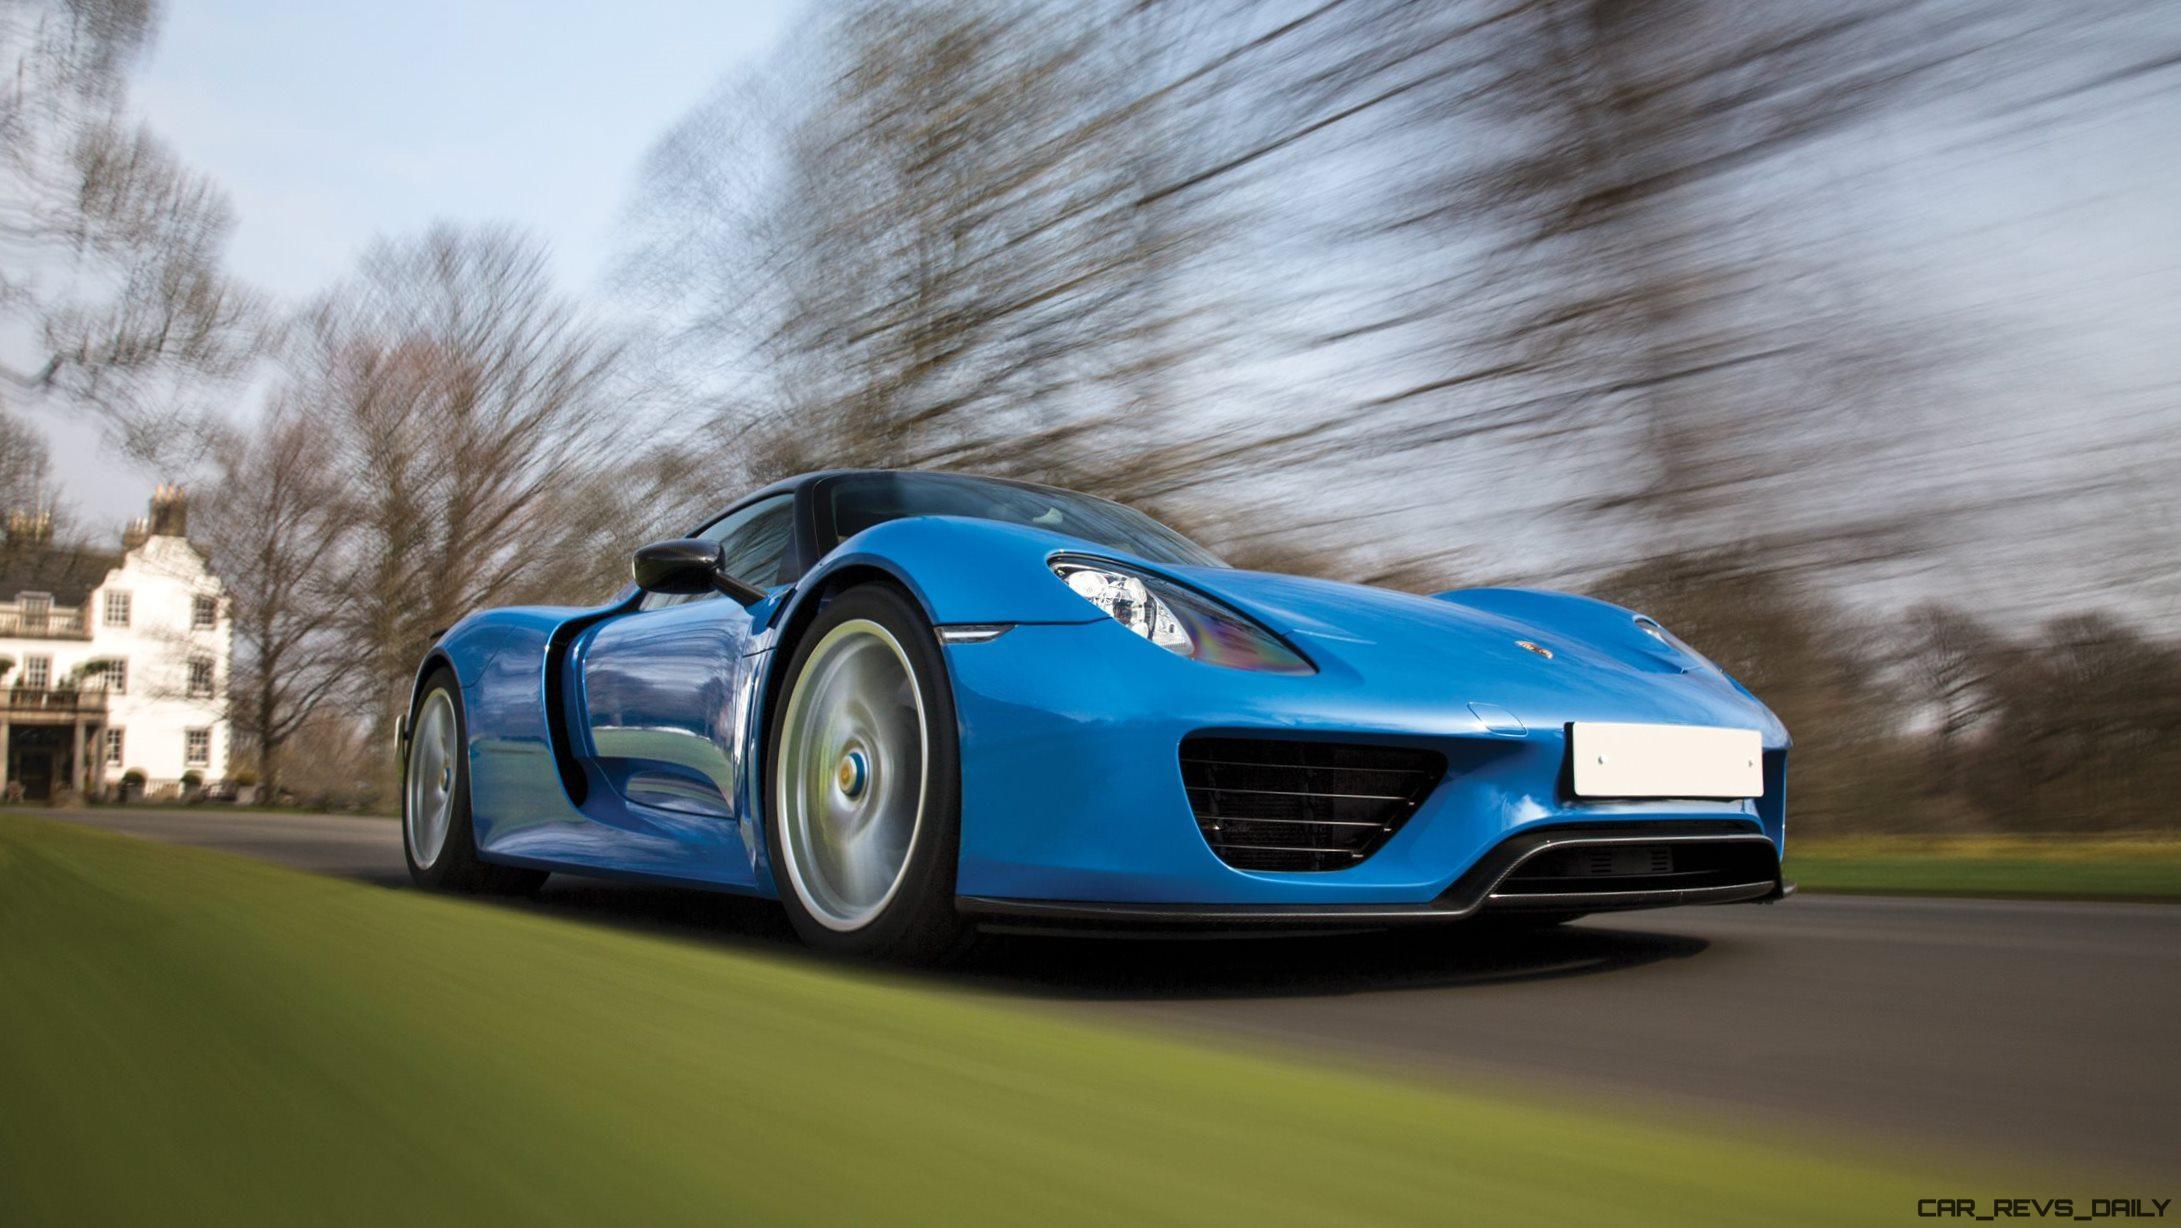 Arrow-Blue-Porsche-918-Spyder-20 Gorgeous Porsche 918 Spyder Acid Green Cars Trend